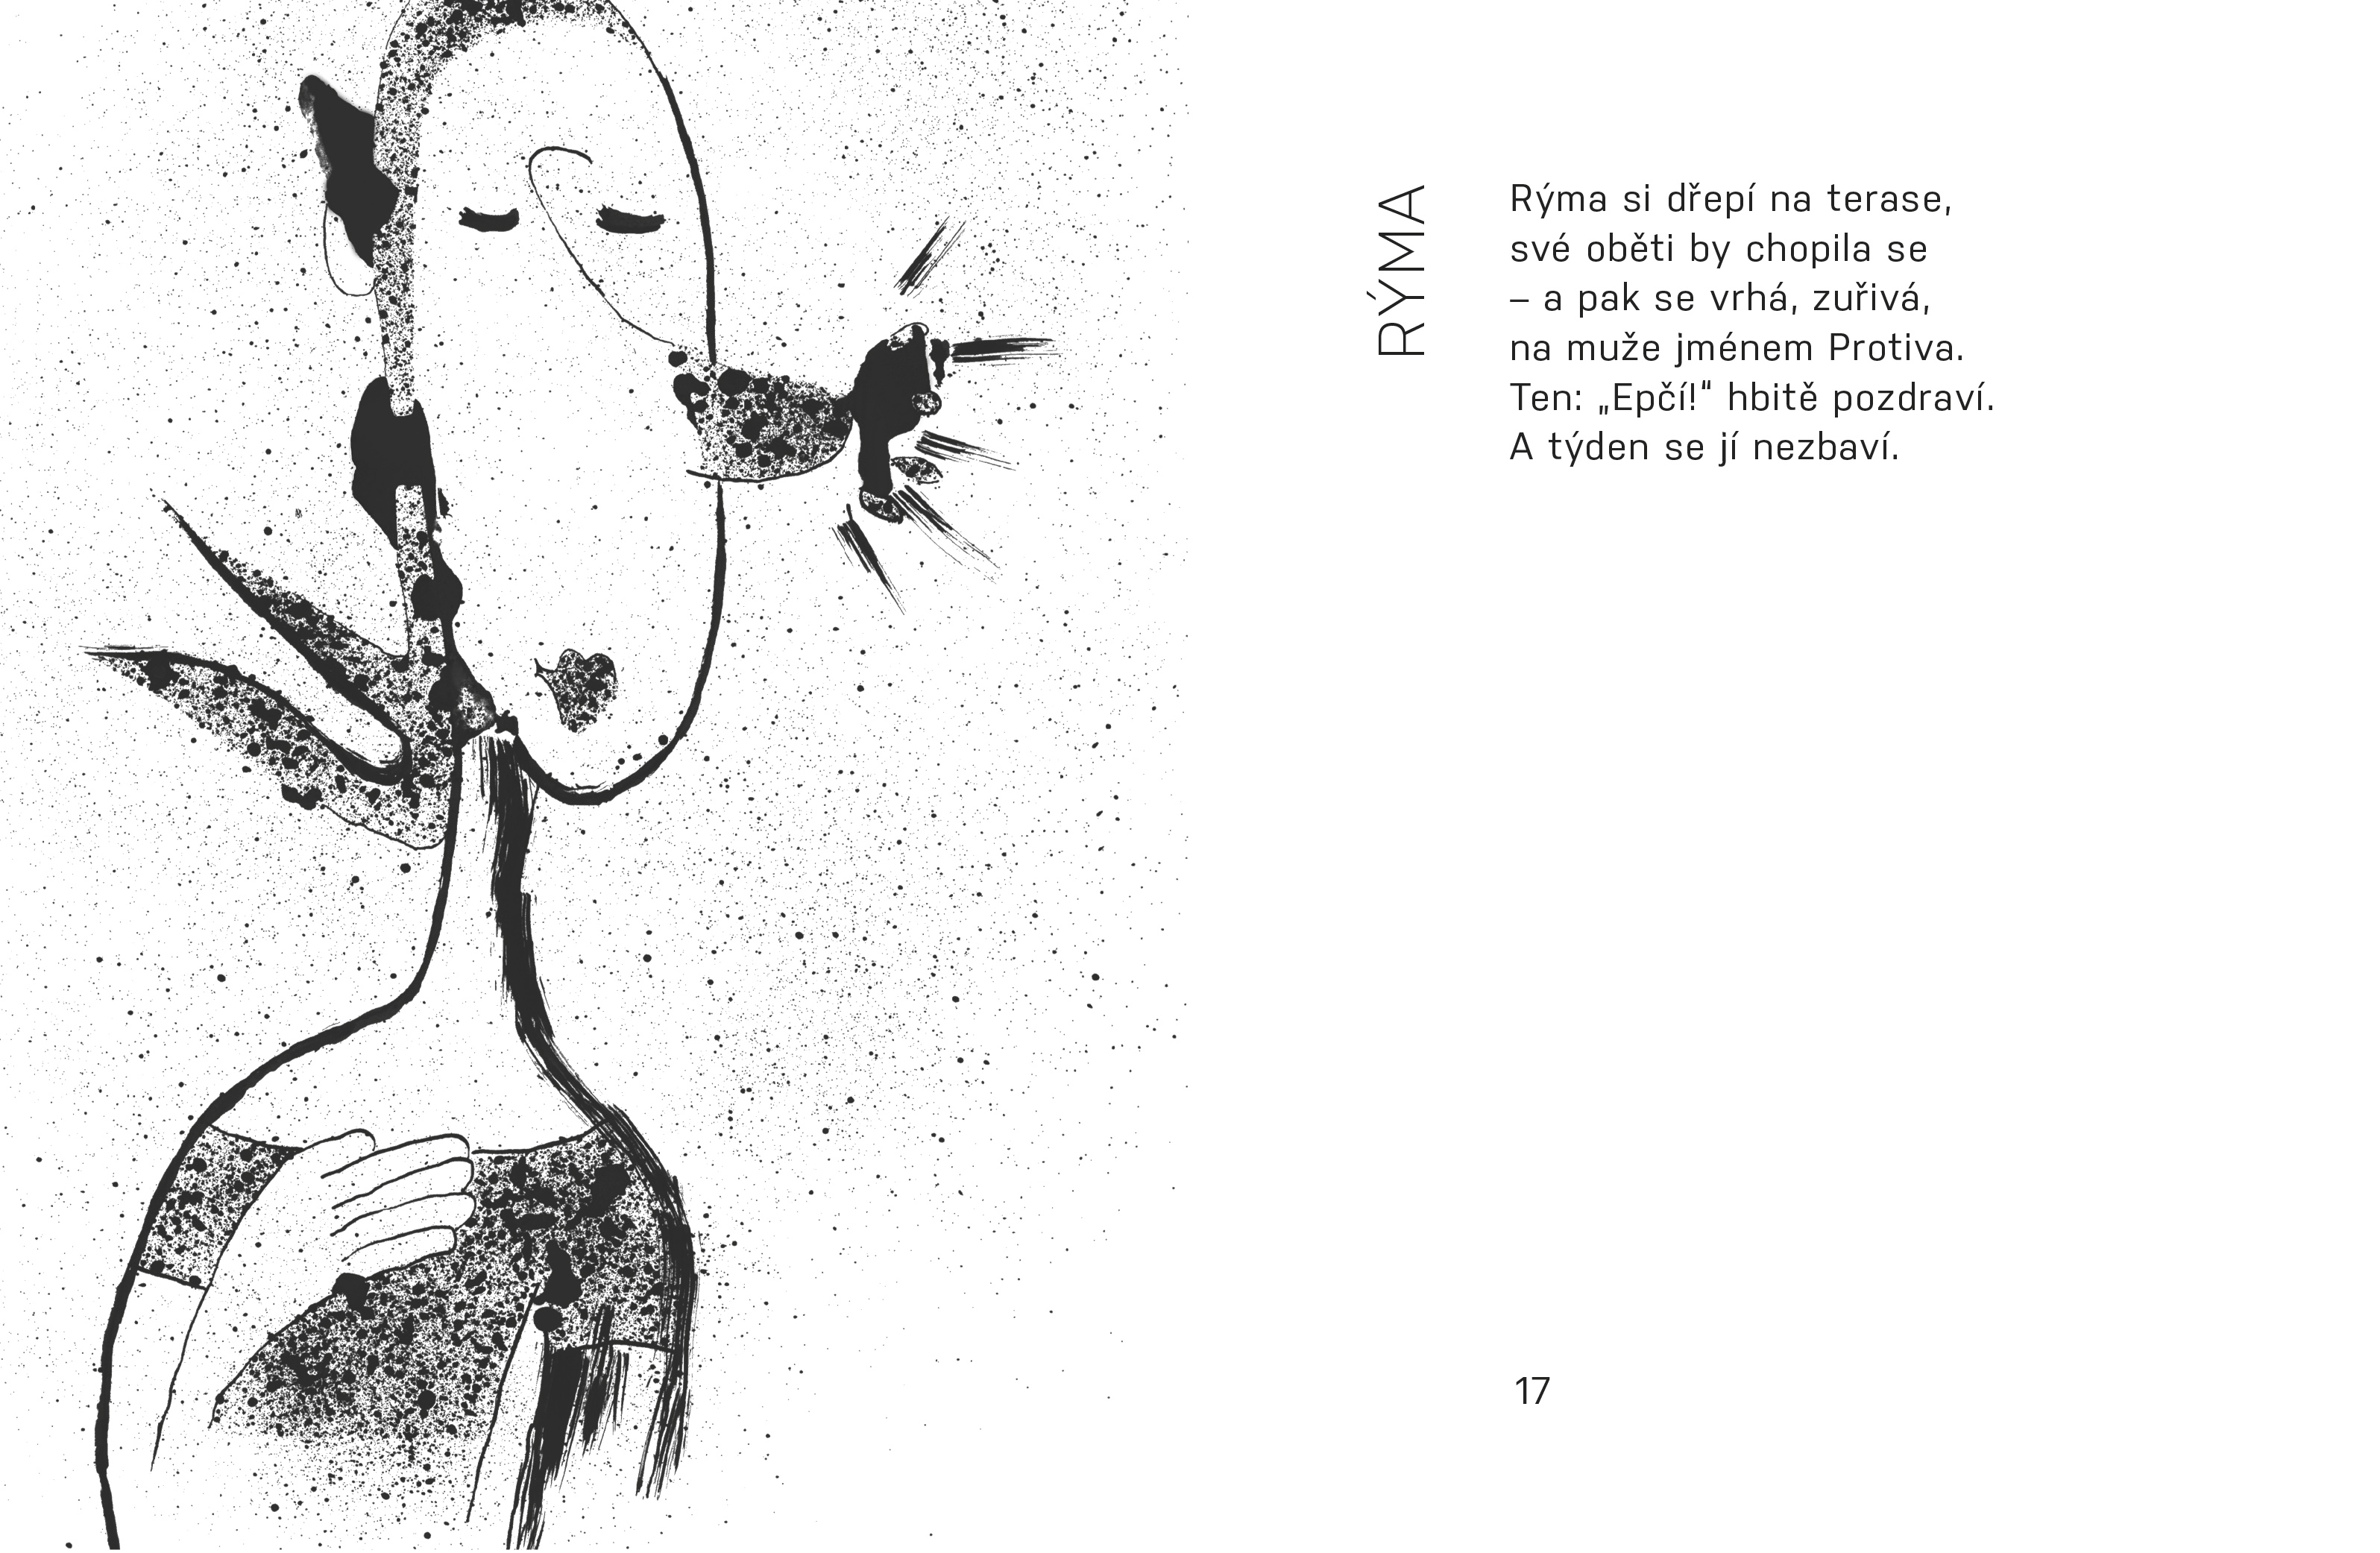 P2B<br> Christian Morgenstern, Vybrané verše<br> (ilustrace a grafické úprava knižního bloku a přebalu knihy)<br> Klauzurní práce 2018 | 2.ročník